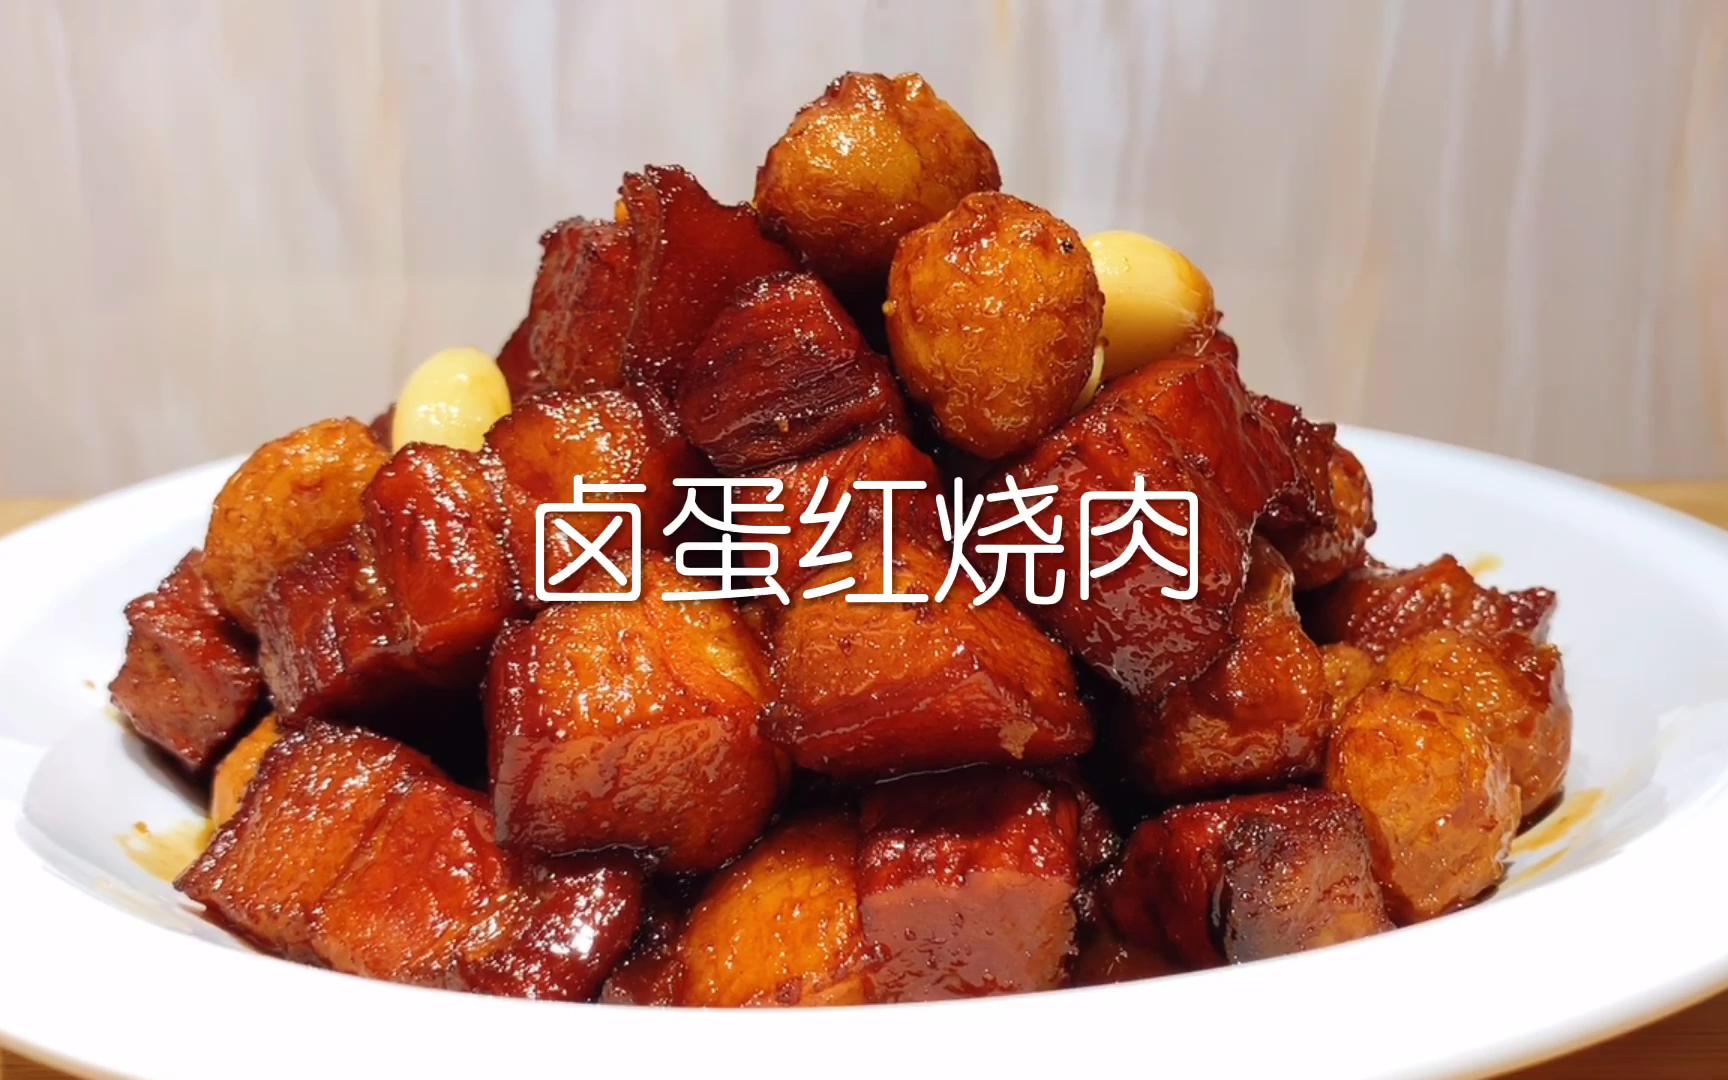 红烧肉您真的会做吗?大厨详细讲解正宗做法,不腥不柴,软烂入味